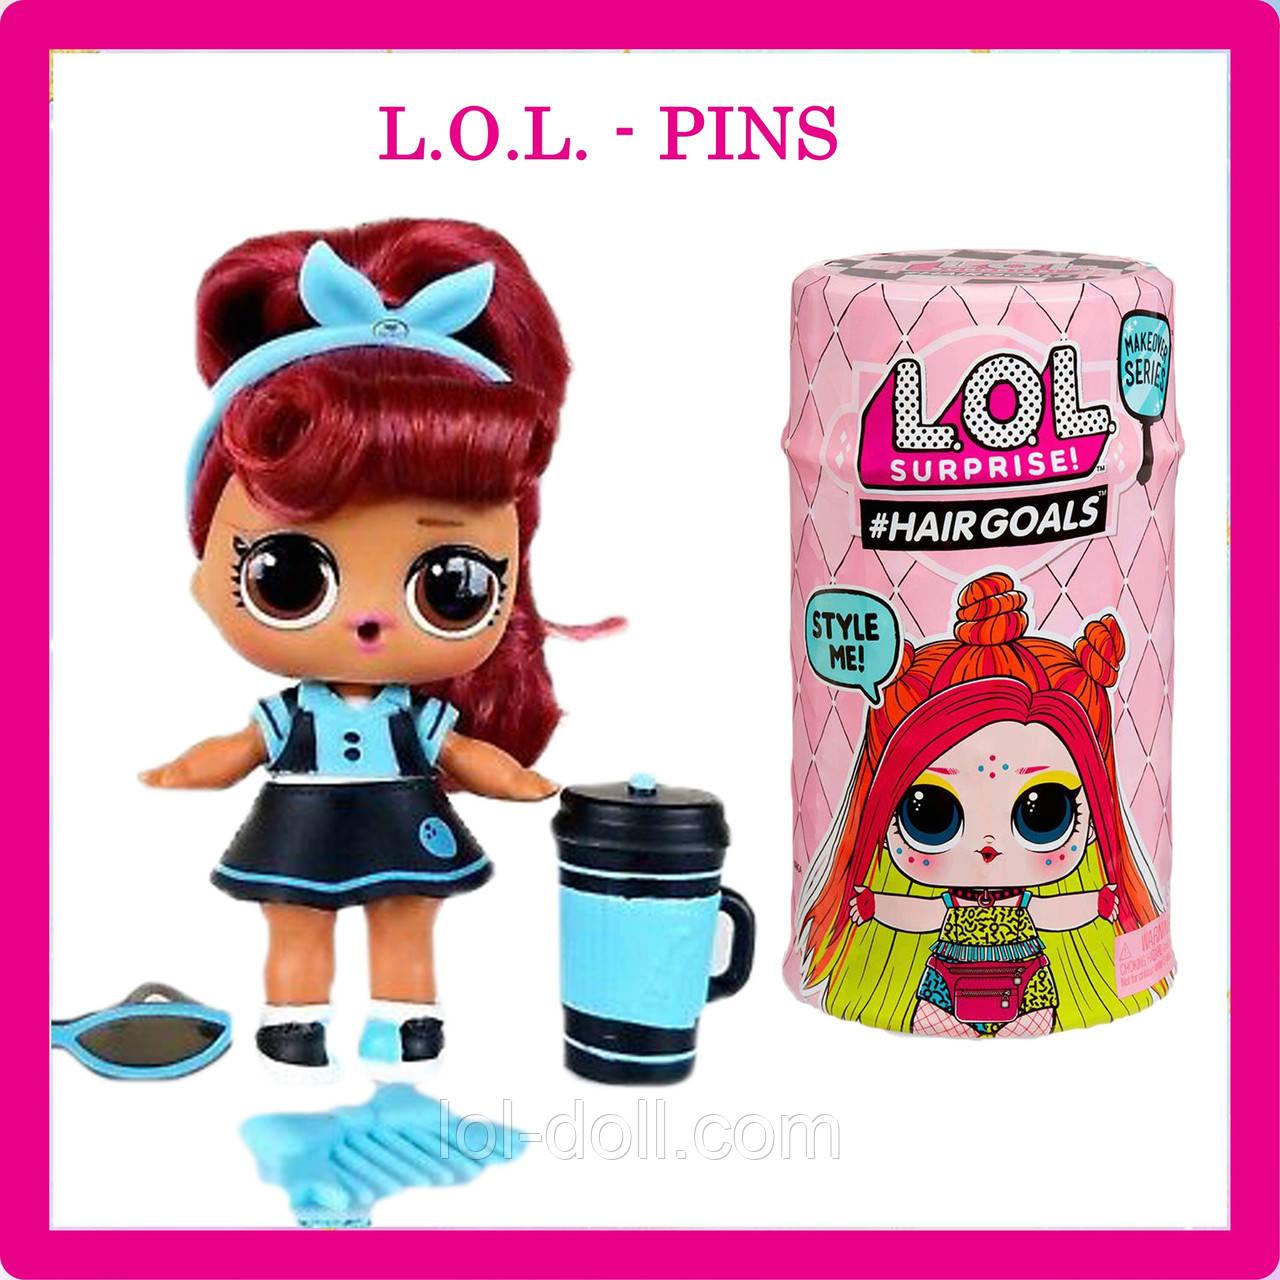 Кукла LOL Surprise 5 Серия Hairgoals PINS - Лол Сюрприз Оригинал